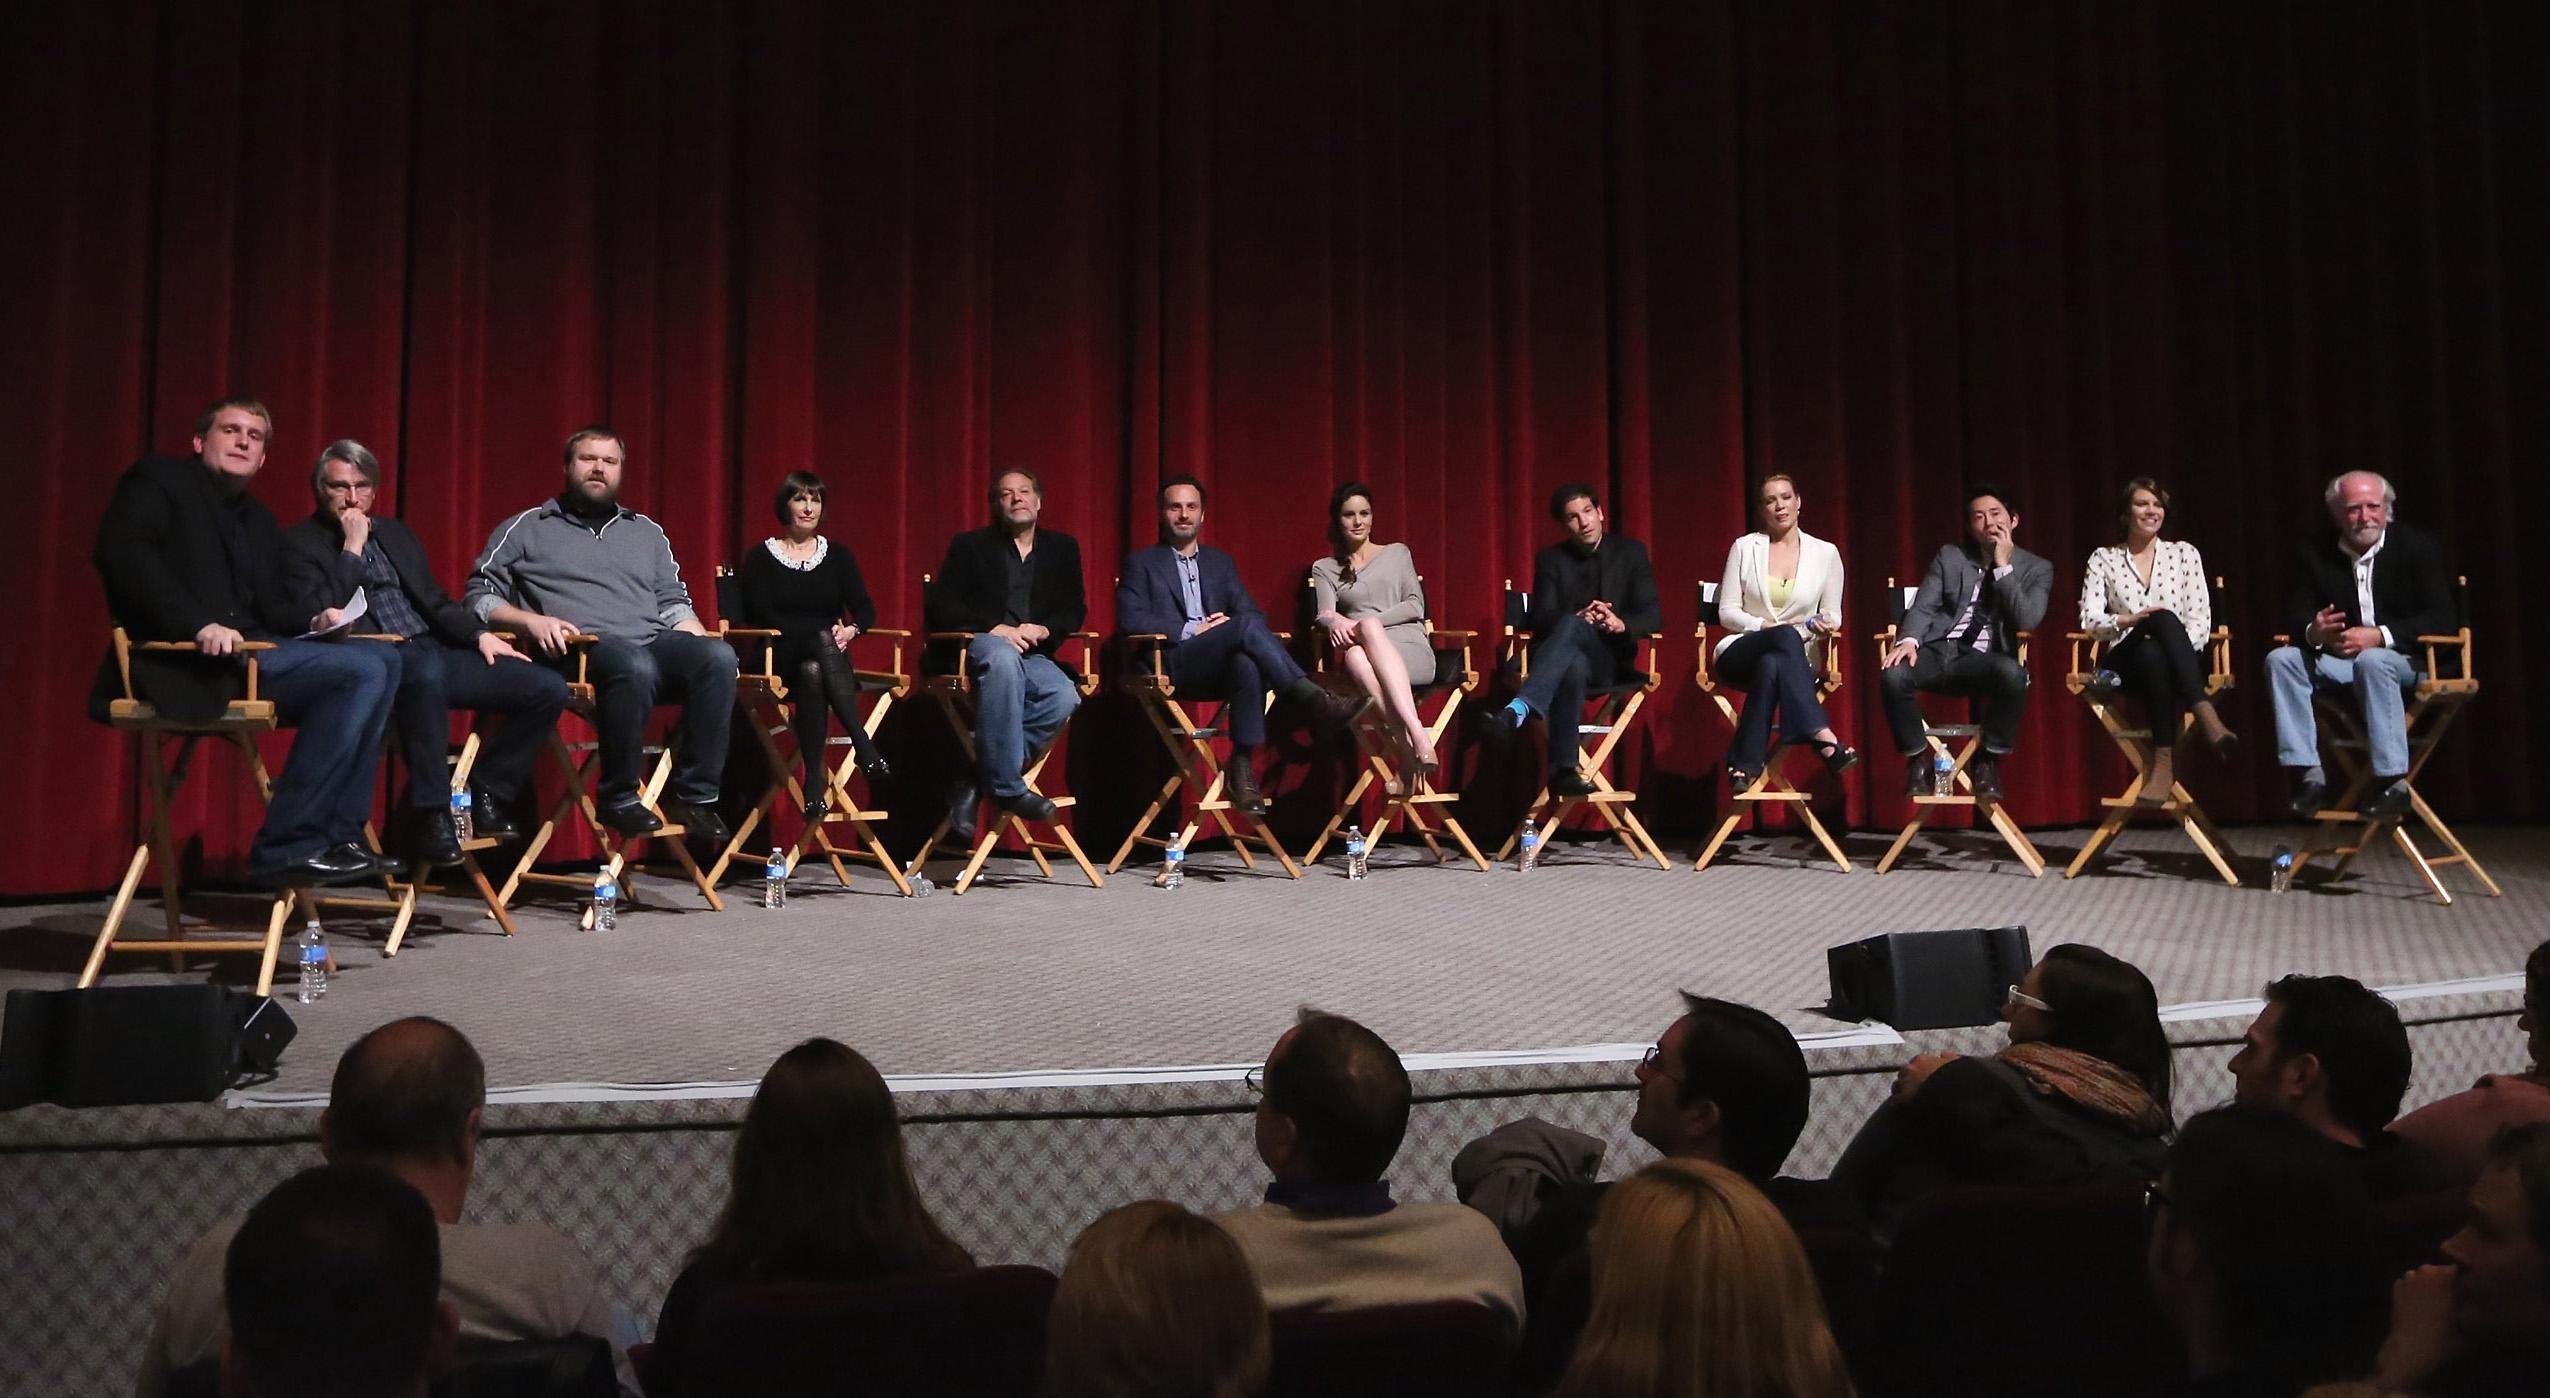 [2013] Lista de participação do elenco de The Walking Dead em Convenções